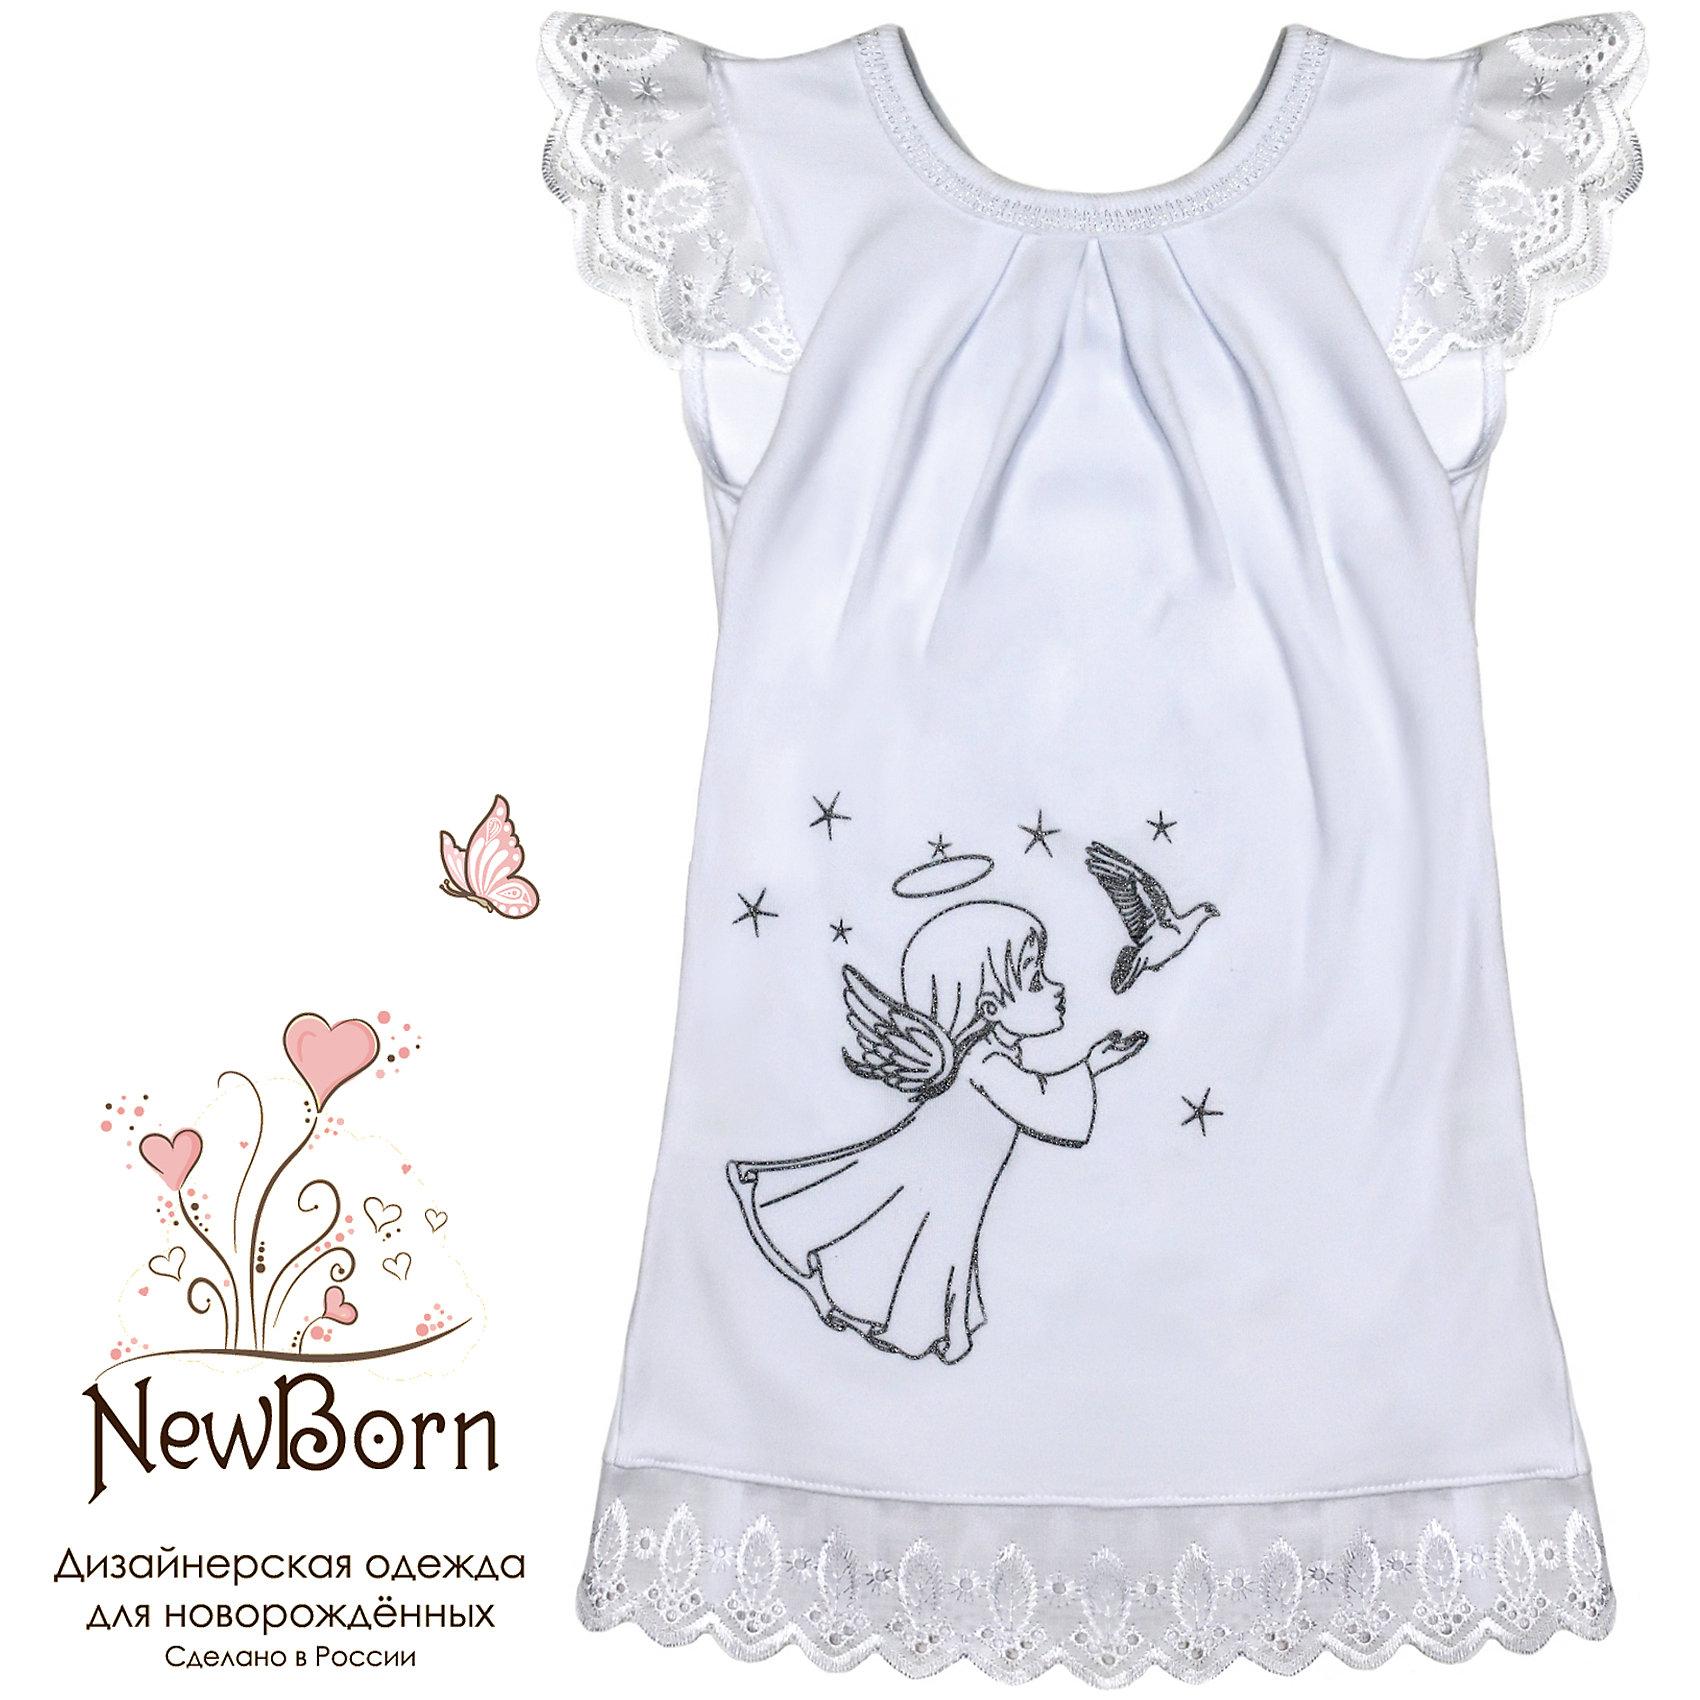 Крестильное платье, шитье, р-р 74, NewBorn, белыйХарактеристики:<br><br>• Вид детской одежды: платье с капюшоном<br>• Предназначение: для крещения<br>• Коллекция: NewBorn<br>• Сезон: круглый год<br>• Пол: для девочки<br>• Тематика рисунка: ангелы<br>• Размер: 74<br>• Цвет: белый, серый<br>• Материал: трикотаж, хлопок<br>• Длина рукава: без рукавов<br>• Декорировано шитьем<br>• Передняя полочка украшена термонаклейкой в виде ангела<br>• Особенности ухода: допускается деликатная стирка без использования красящих и отбеливающих средств<br><br>Крестильное платье, шитье, р-р 74, NewBorn, белый из коллекции NewBorn от отечественного швейного производства ТексПром предназначено для создания праздничного образа девочки во время торжественного обряда крещения. Платье представлено в коллекции NewBorn, которая сочетает в себе классические и современные тенденции в мире моды для новорожденных, при этом при технологии изготовления детской одежды сохраняются самые лучшие традиции: свободный крой, внешние швы и натуральные ткани. Платье выполнено из трикотажа, круглый вырез горловины обработан трикотажной бейкой белого цвета. Праздничный образ создается за использования в отделке платья шитья белого цвета: им оформлены рукава-крылышки и низ платья, передняя полочка декорирована термонаклейкой в виде ангела. <br><br>Крестильное платье с капюшоном, тесьма, р-р 74, NewBorn, белый можно купить в нашем интернет-магазине.<br><br>Ширина мм: 220<br>Глубина мм: 5<br>Высота мм: 400<br>Вес г: 200<br>Возраст от месяцев: 6<br>Возраст до месяцев: 9<br>Пол: Женский<br>Возраст: Детский<br>SKU: 4912531